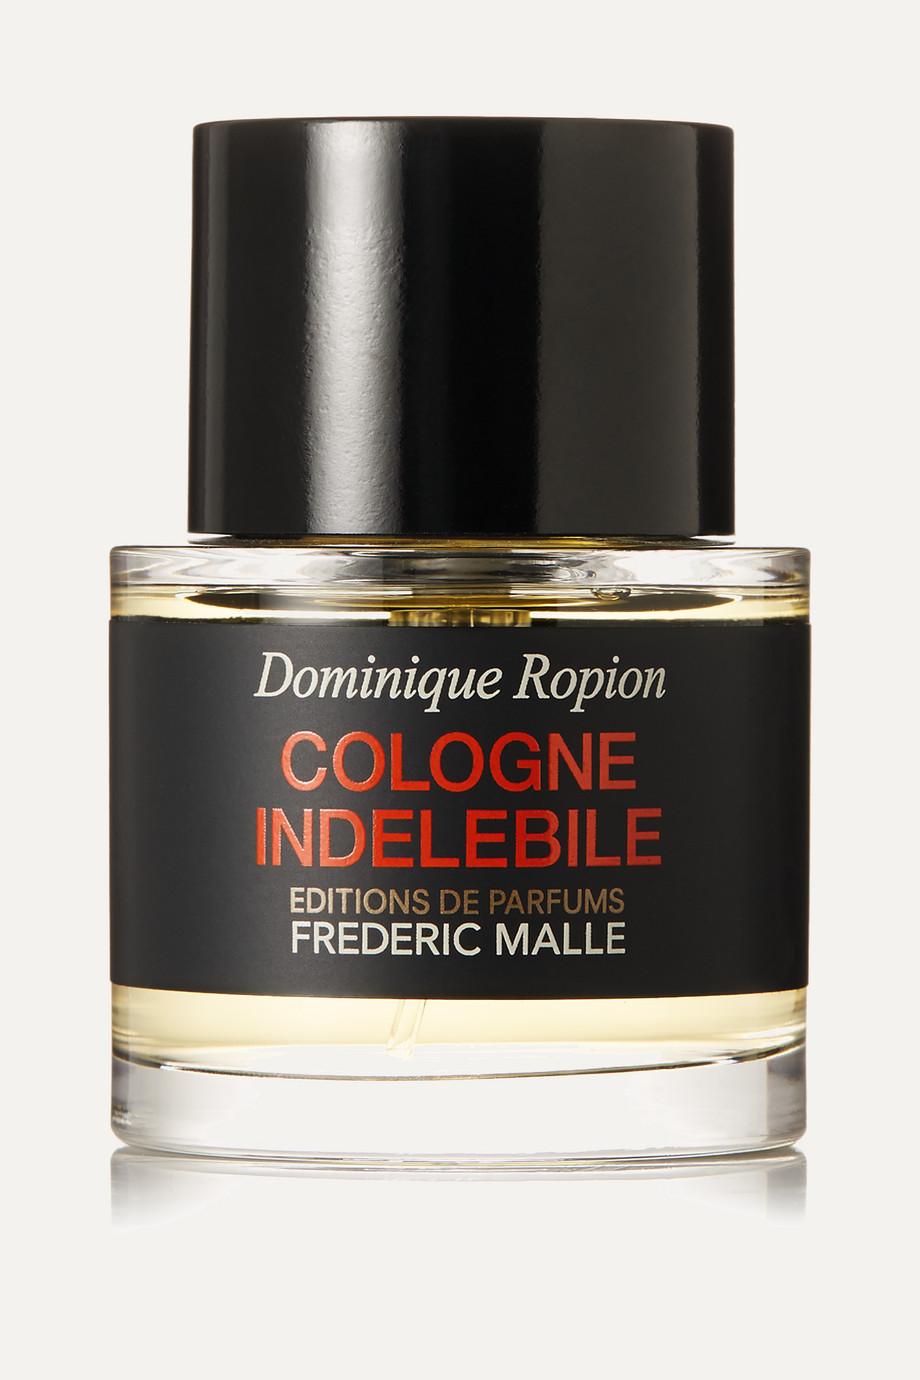 Frederic Malle Cologne Indélébile Eau de Parfum - Orange Blossom Absolute & White Musk, 50ml